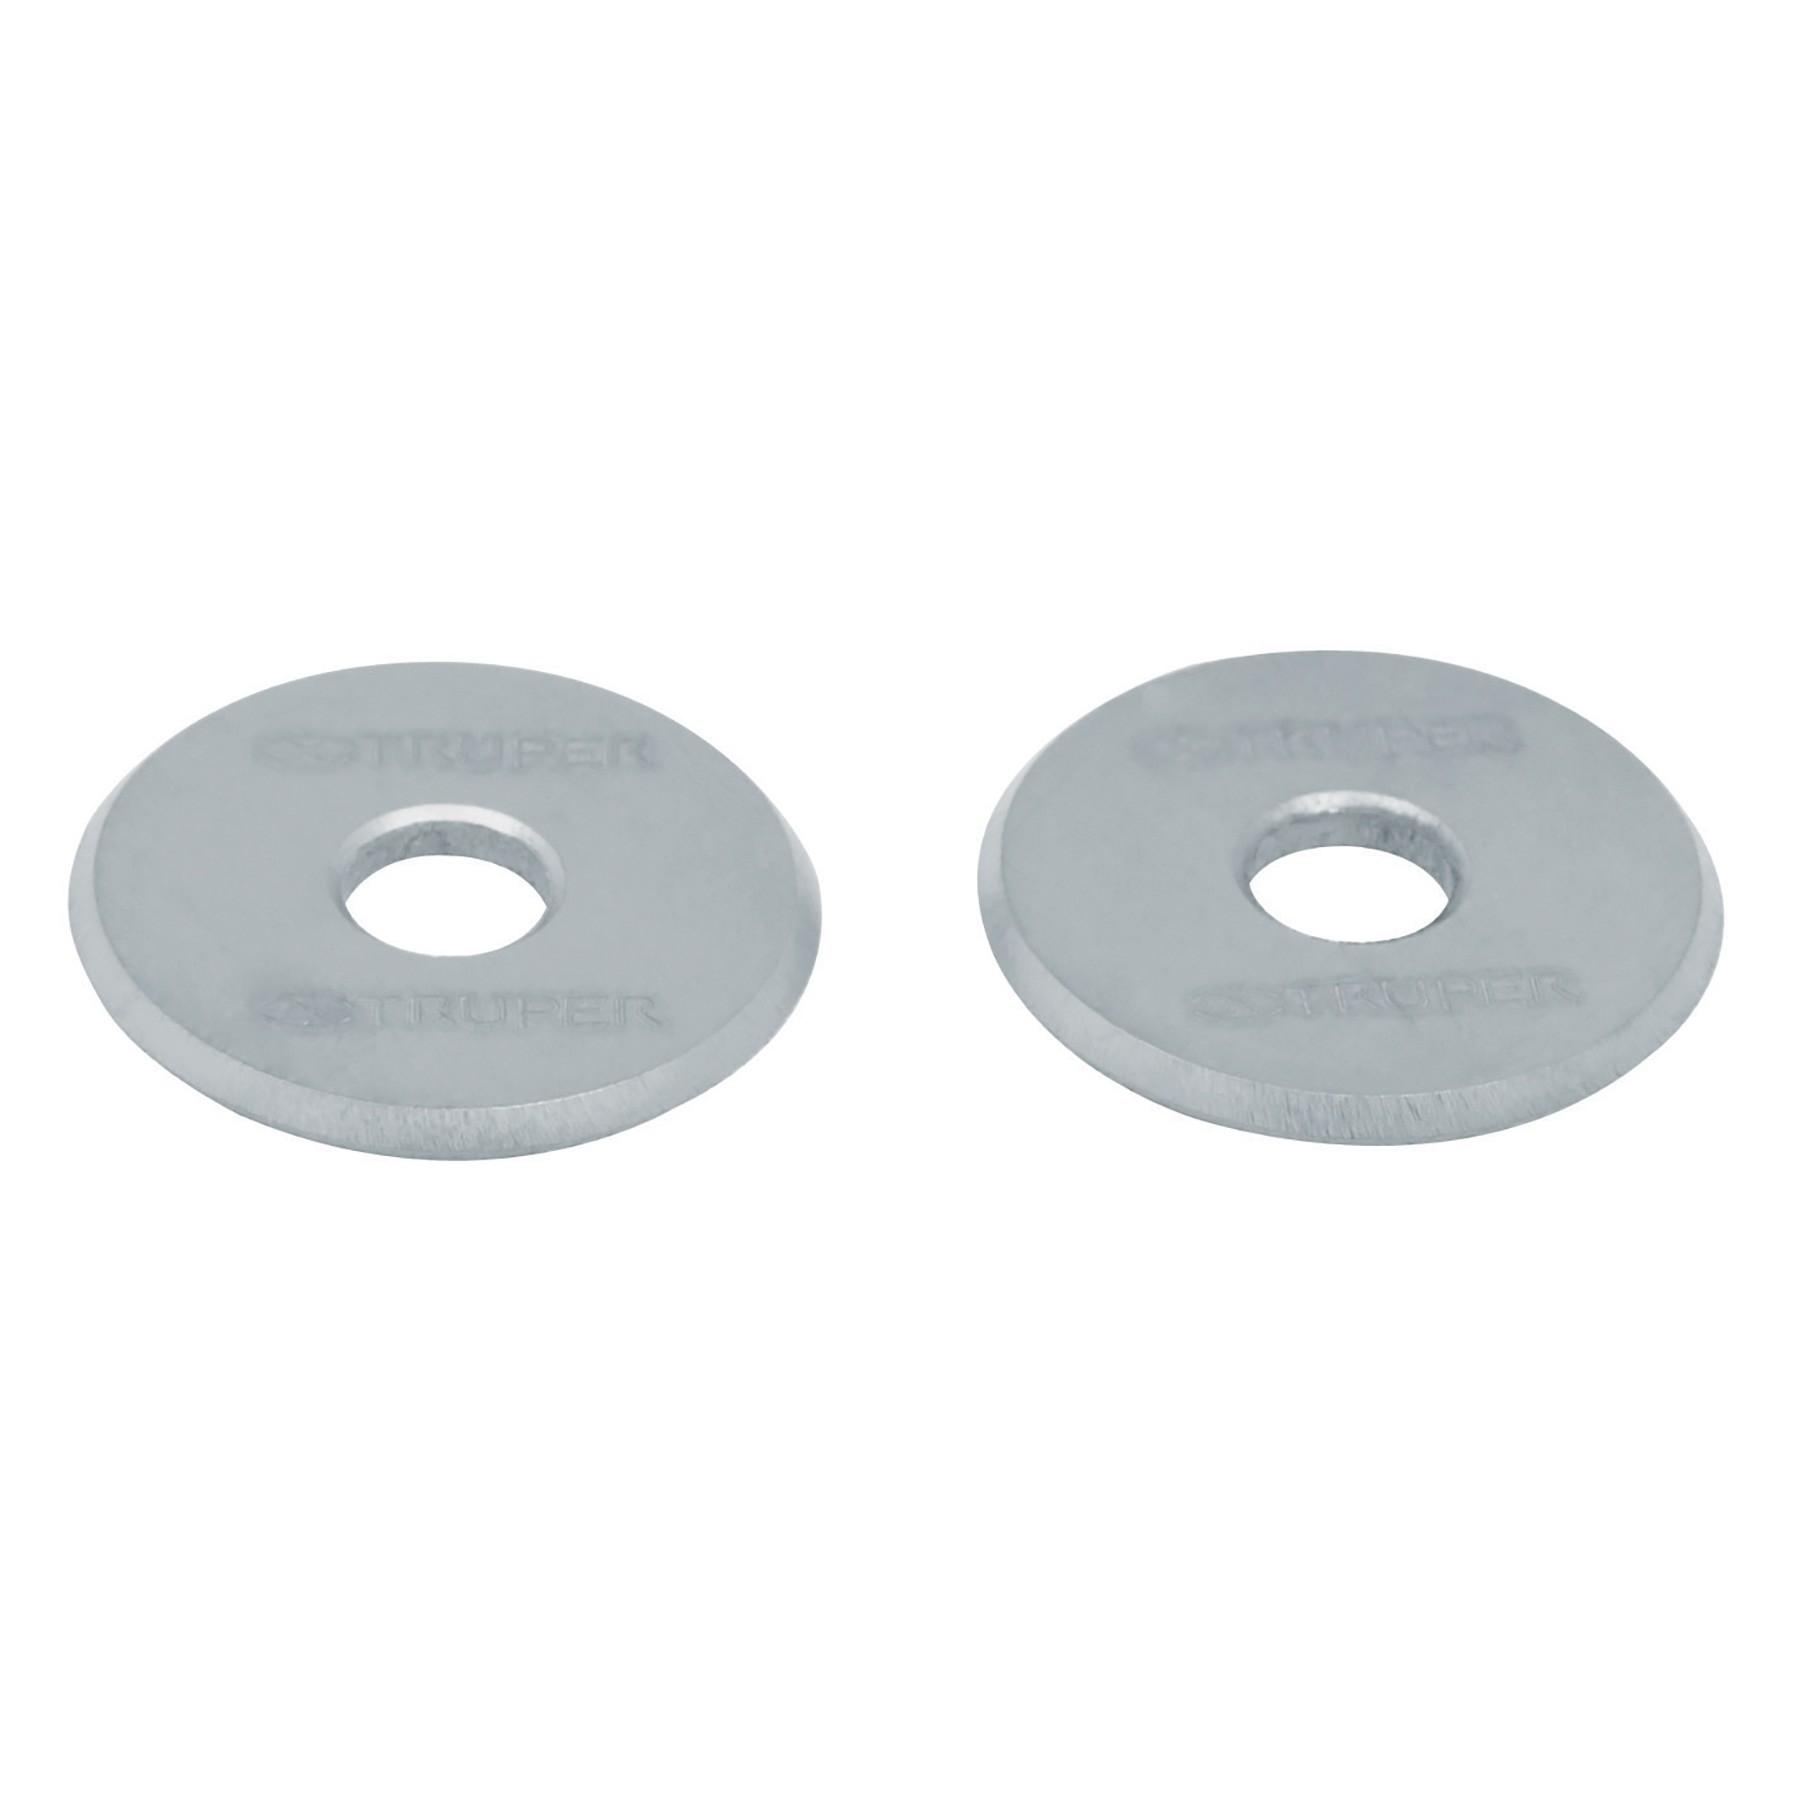 Repuesto de cuchillas para cortadores CAZ-40/60, 2 piezas